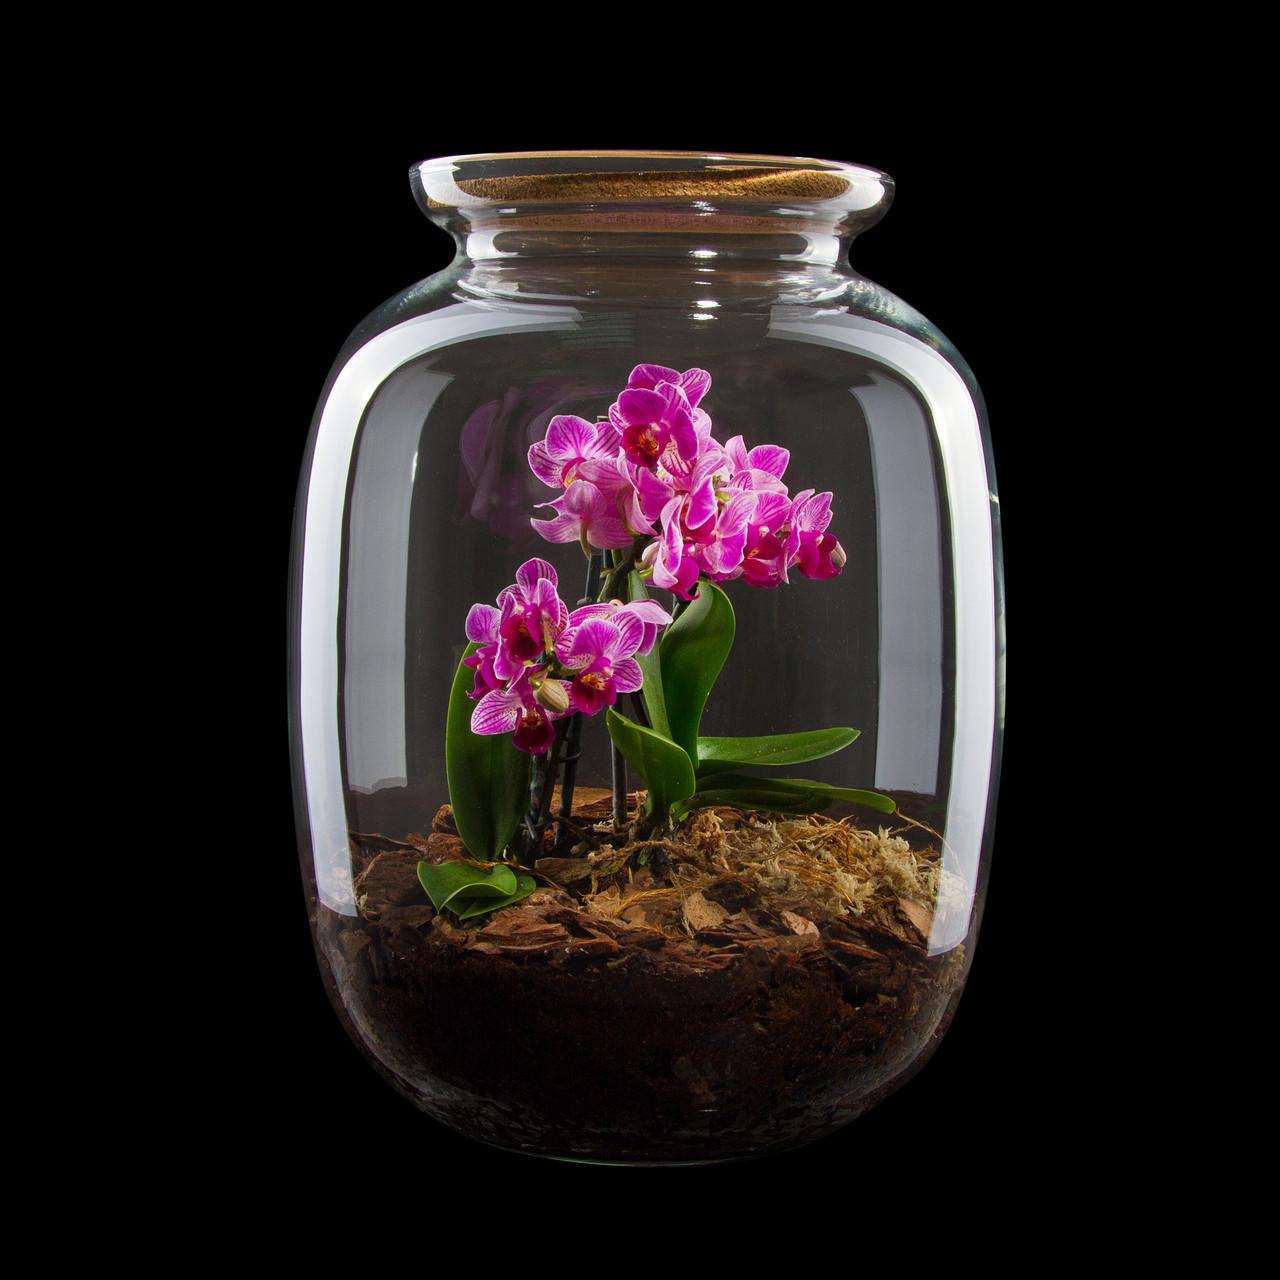 Оригинальный декоративный флорариум в банке с орхидеями Ф10